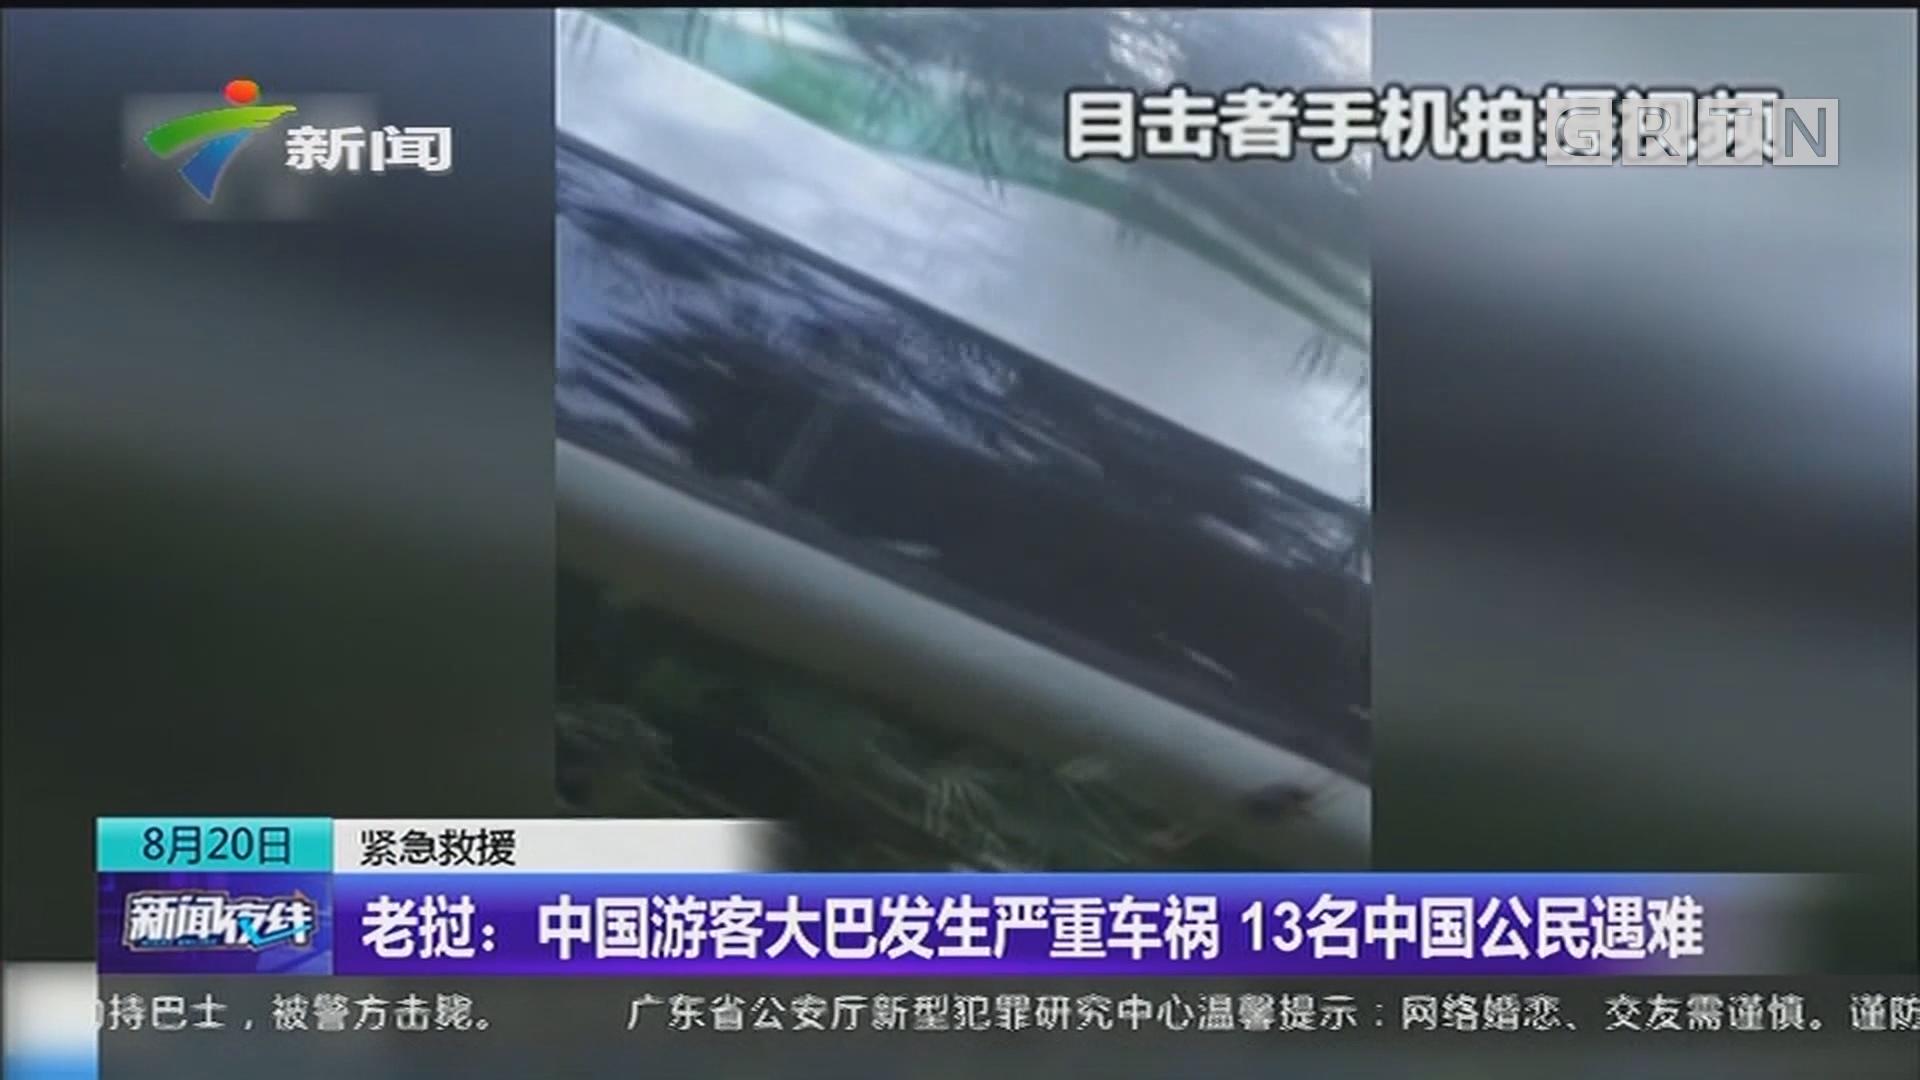 紧急救援 老过:中国游客大巴发生严重车祸 13名中国公民遇难